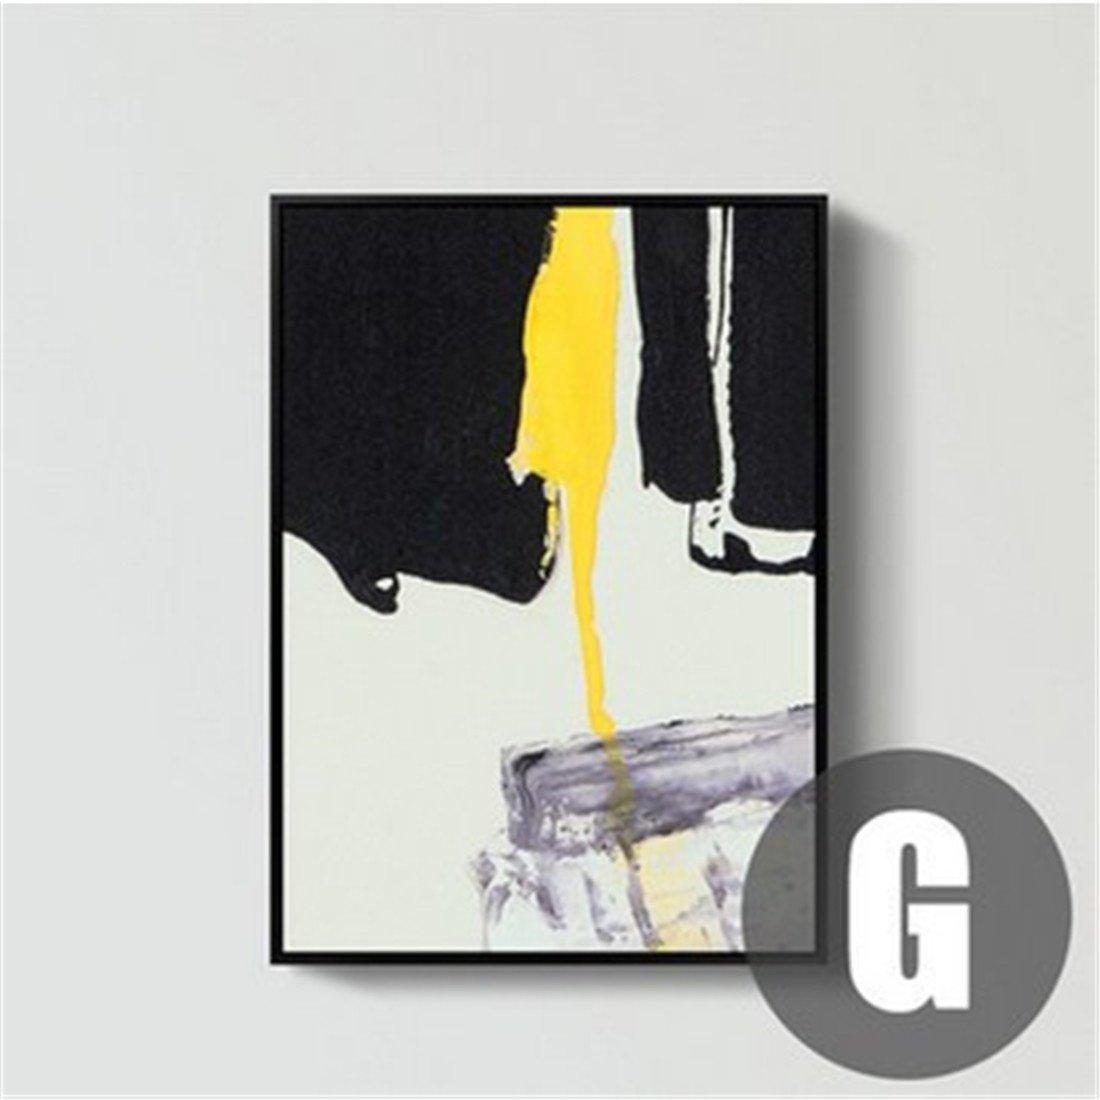 garantía de crédito G YIZHANGPintura Amarilla Abstracta Abstracta Abstracta de la cásCochea Pintura Moderna del Fondo del sofá Pintura nórdica de la Parojo decoración de la Sala Que Pinta la atmósfera Simple (los 52  72cm), g  precios al por mayor